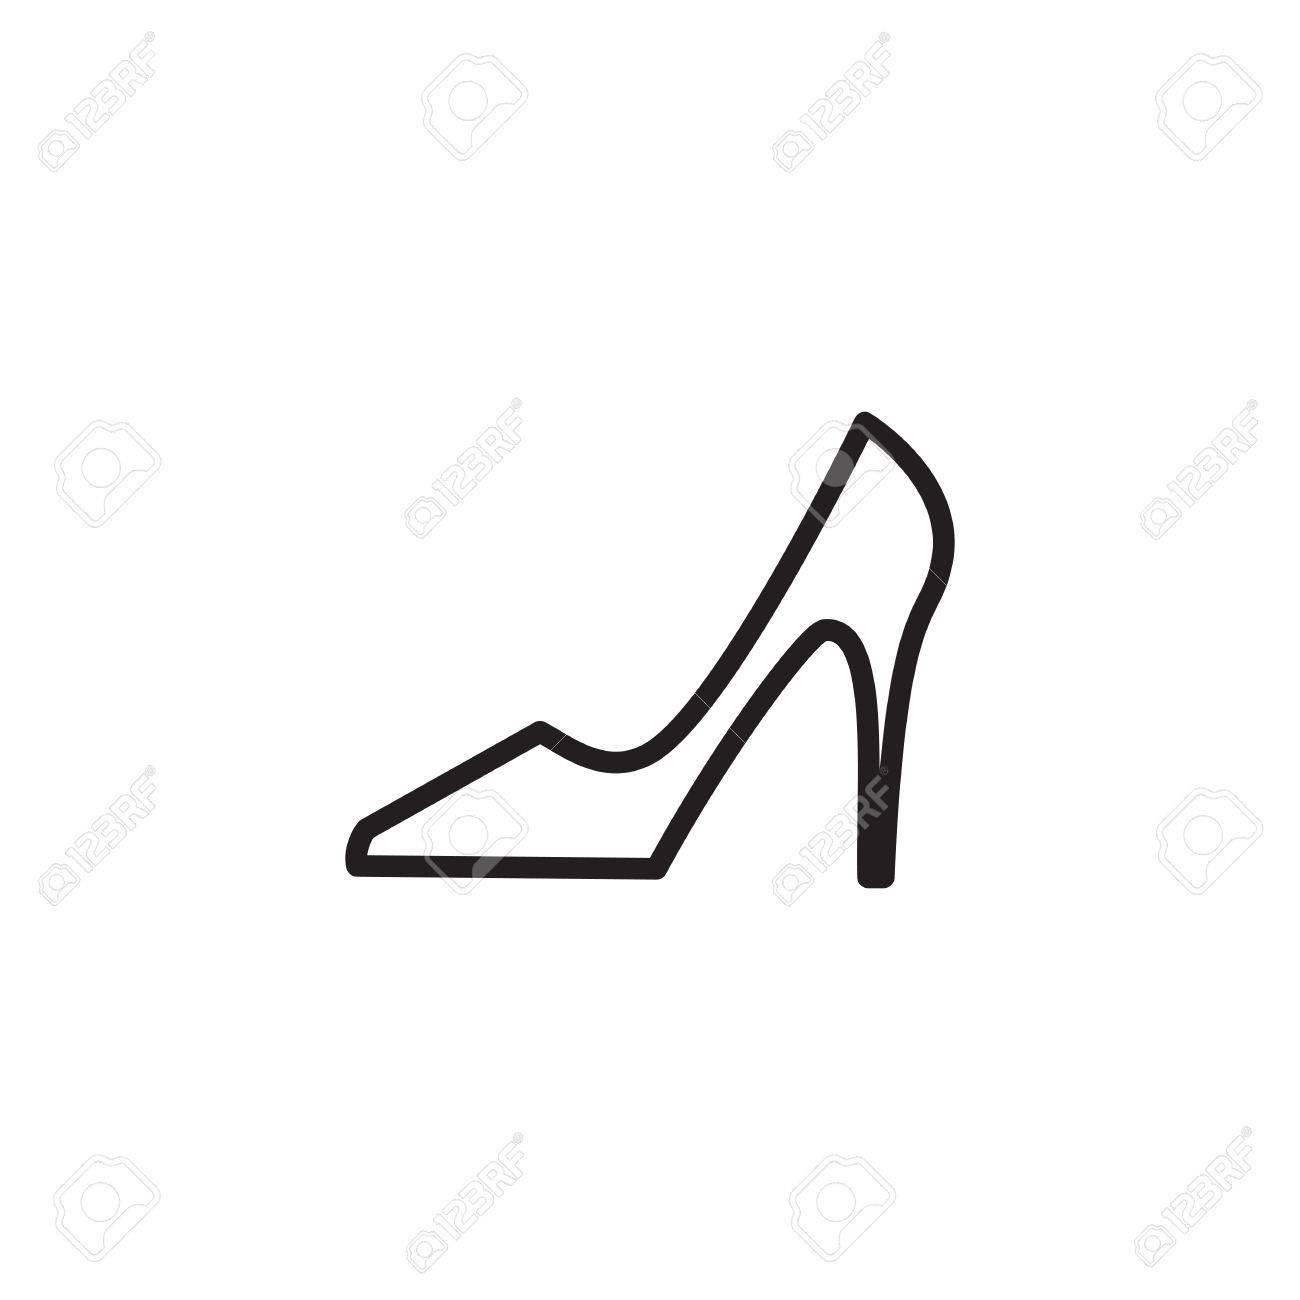 64b47e8f Foto de archivo - Zapatos de iconos de vectores. botas de logotipo o la  silueta de la mujer aislados. Calzado signo o símbolo